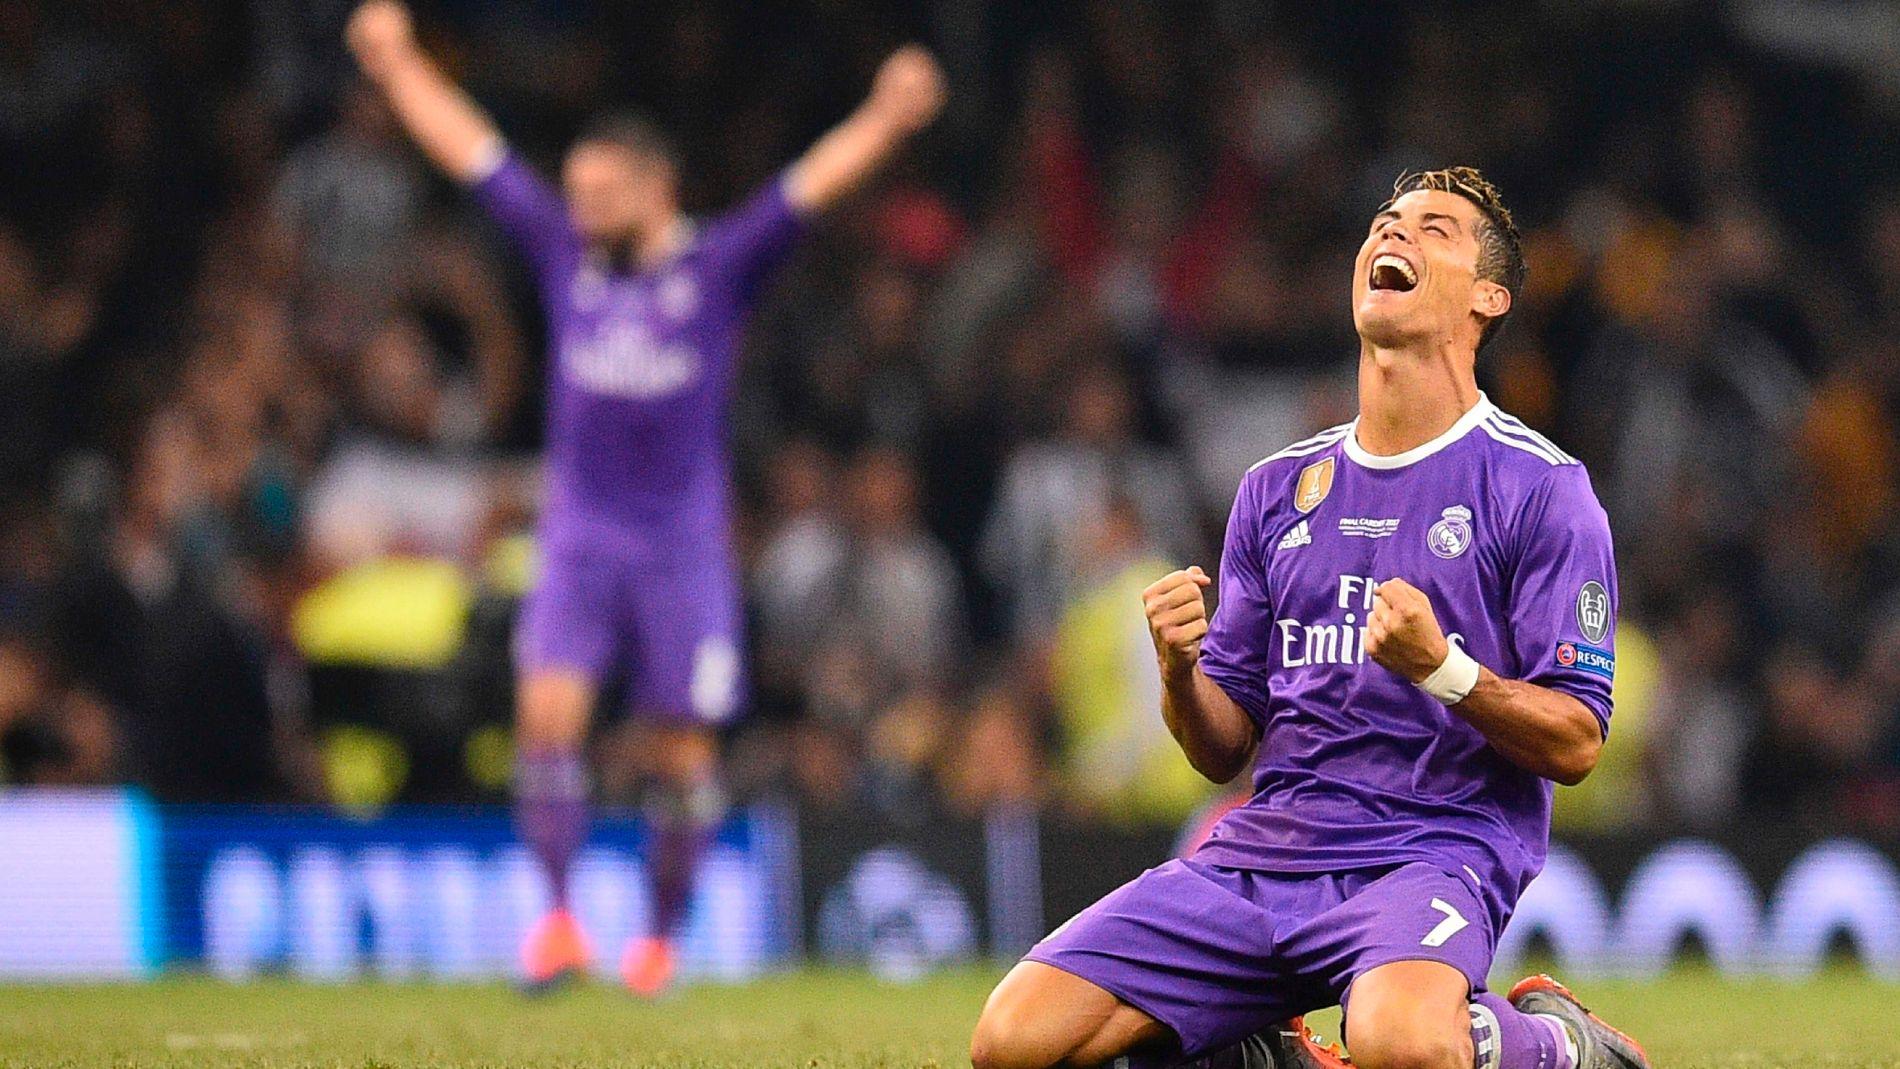 PUR GLEDE: Cristiano Ronaldo faller til knærne og jubler av glede da Felix Brych blåste i fløyta for full tid mot Juventus.